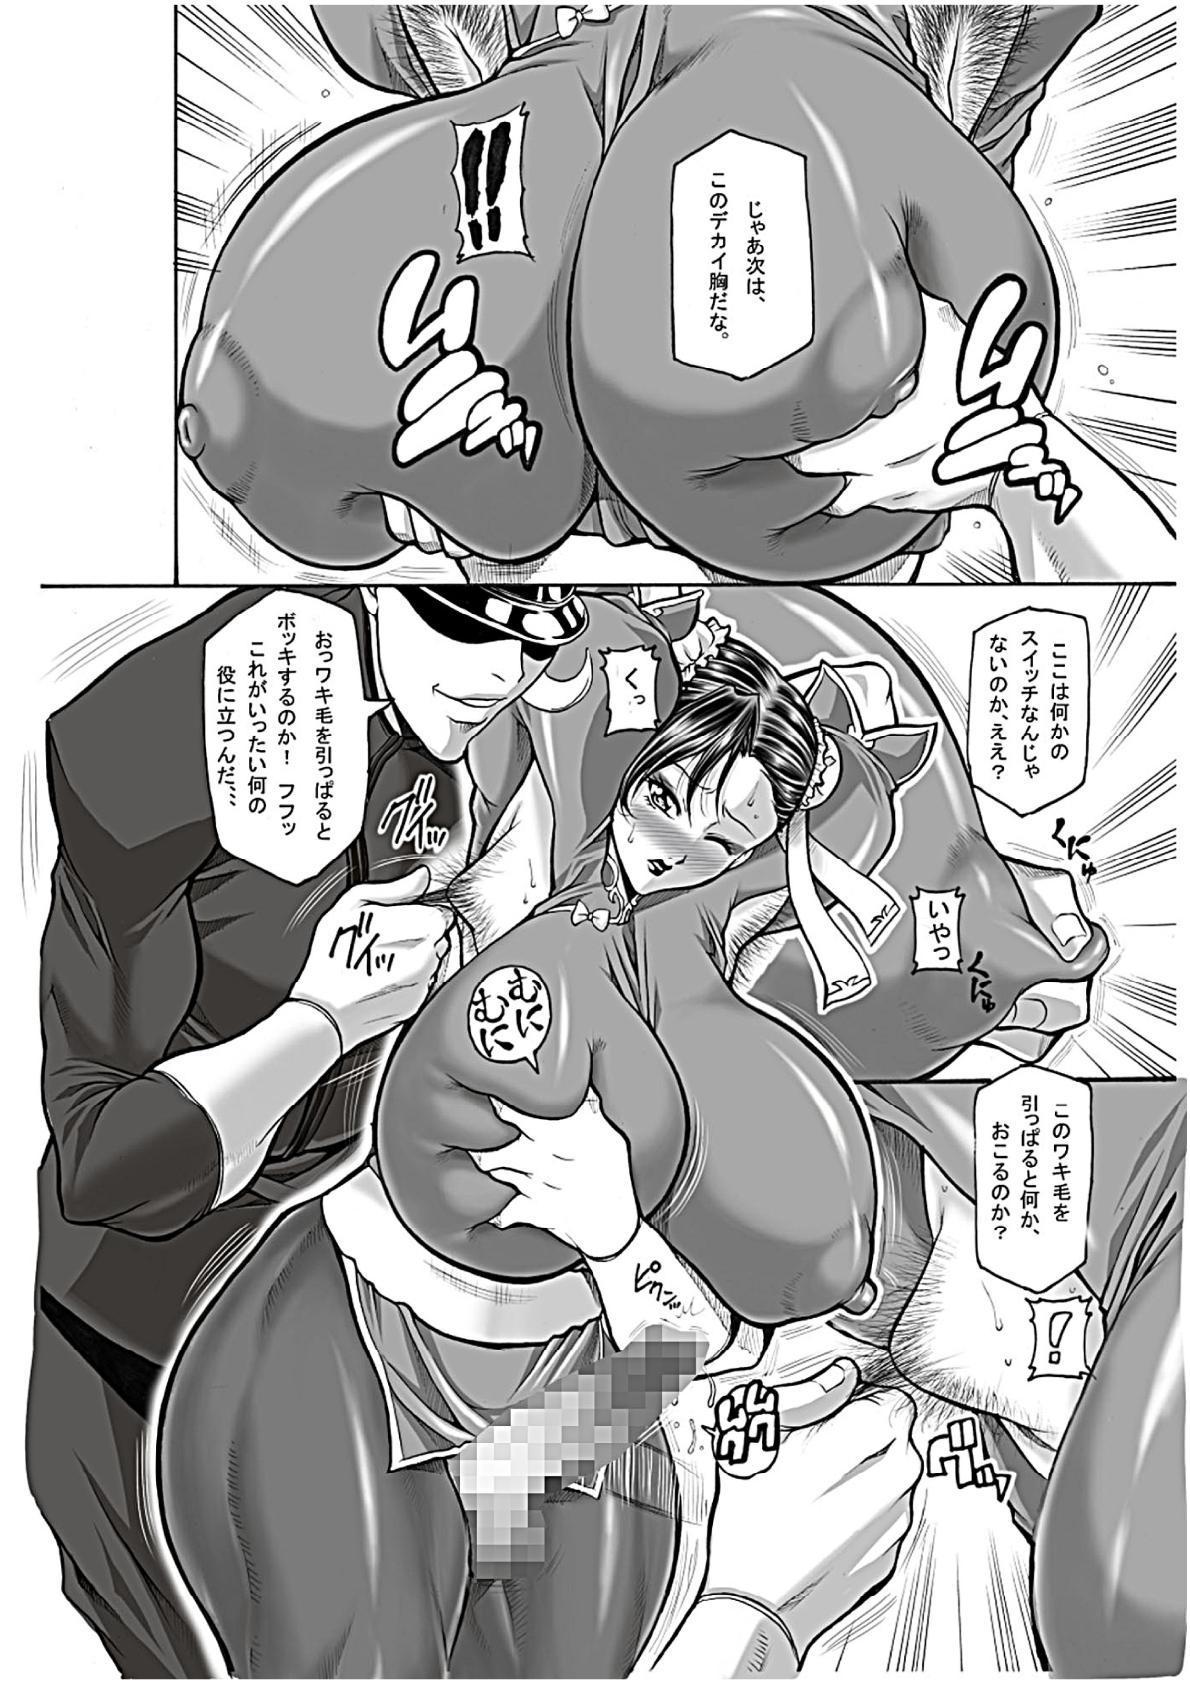 Seigi no Daishou 4